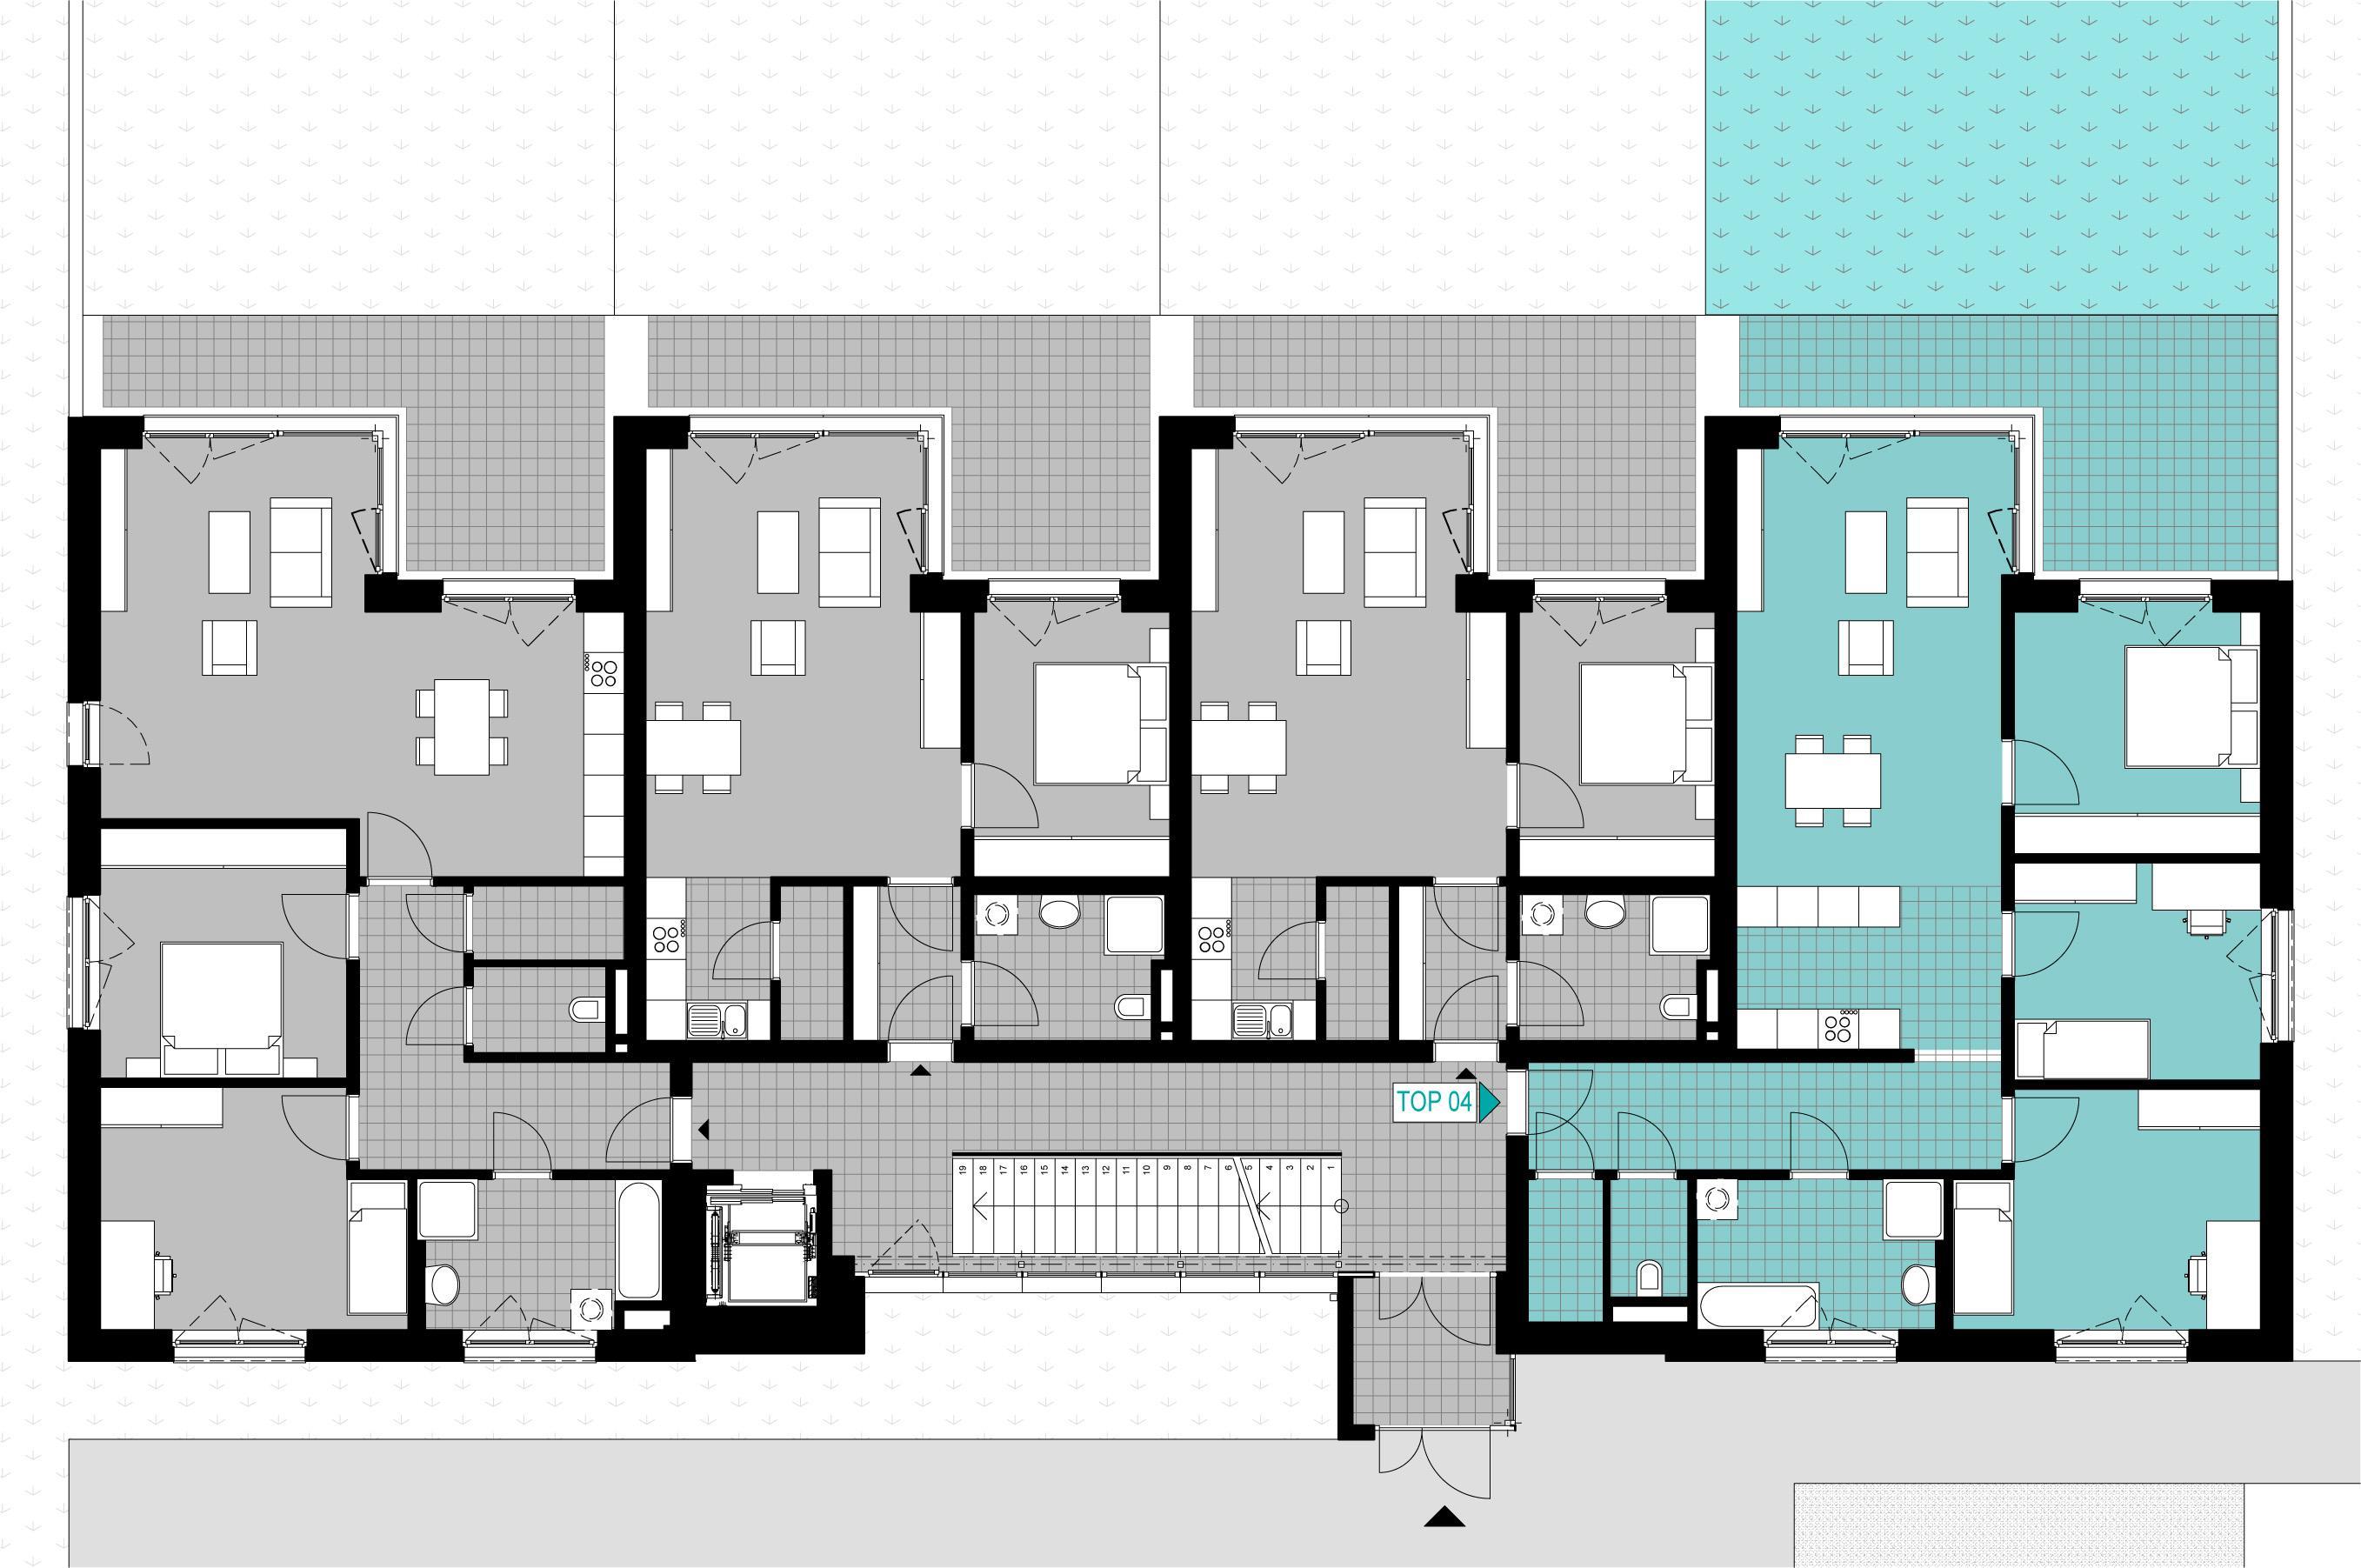 a04 eigentumswohnung mit terrasse und garten wohnung kaufen 4061 pasching linz fahrner gmbh. Black Bedroom Furniture Sets. Home Design Ideas